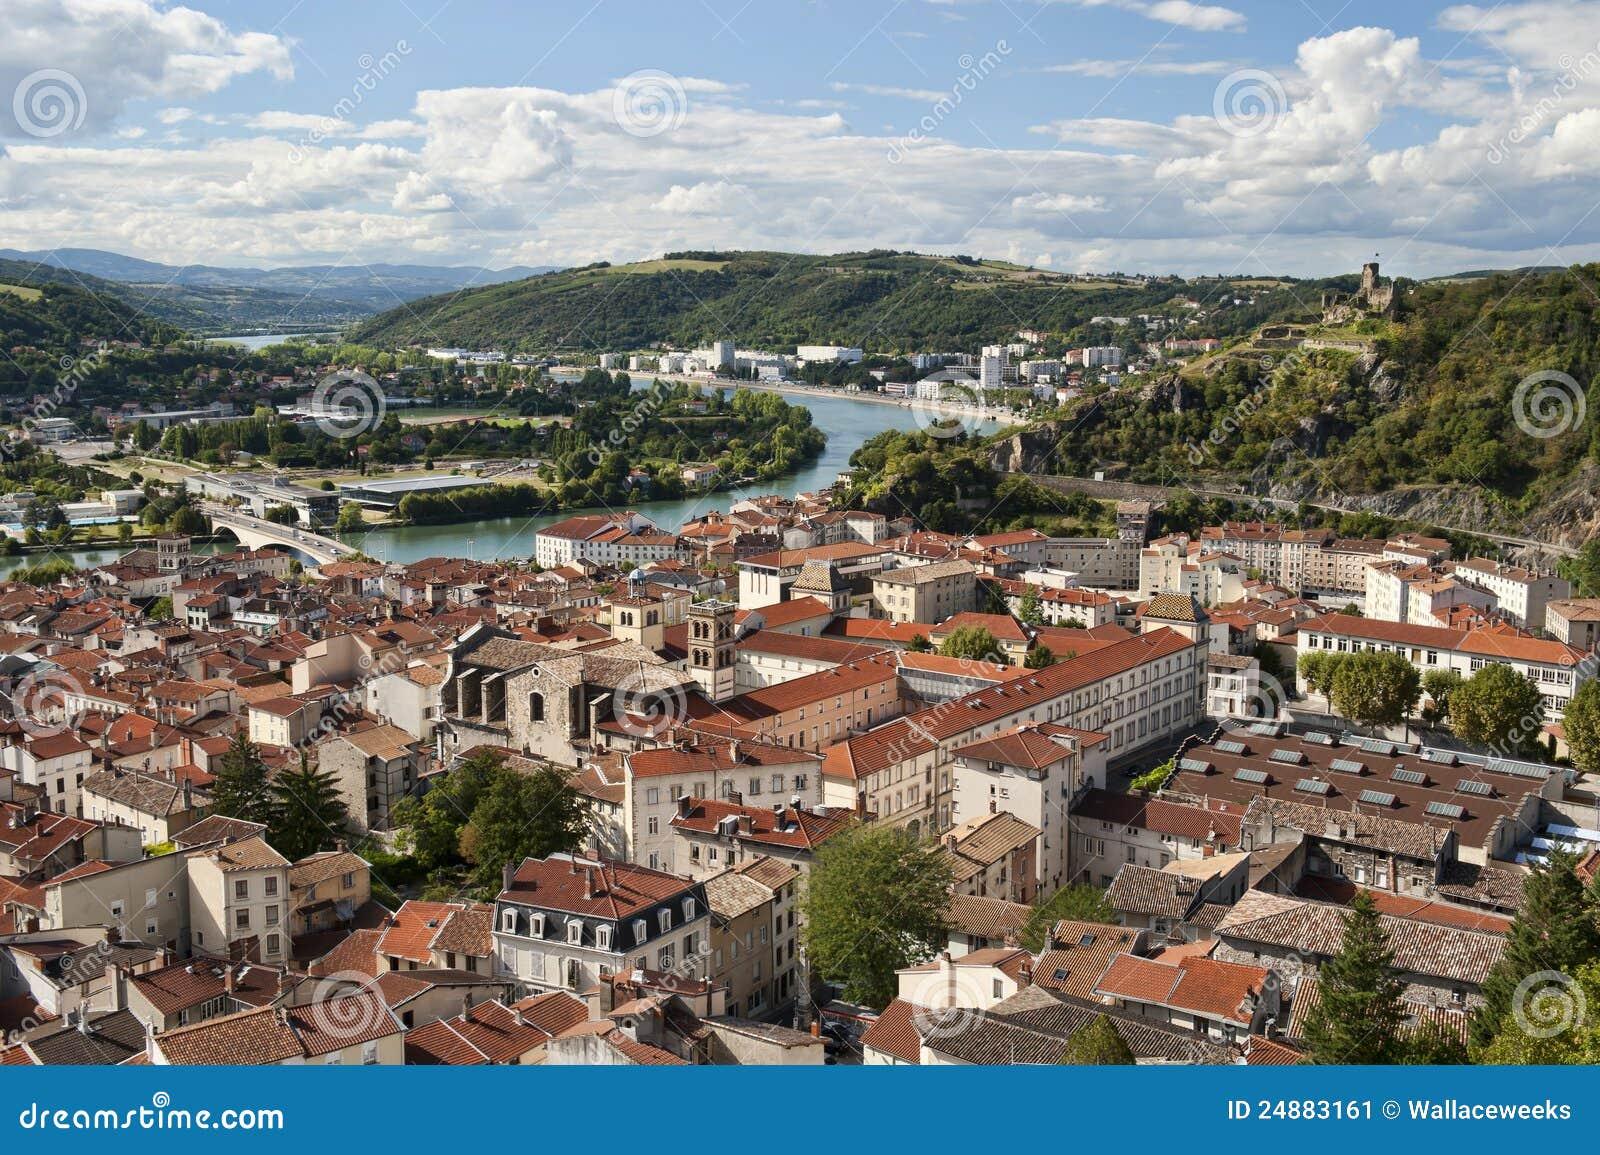 Vienne France  city pictures gallery : Vienne France E Rio De Rhone Imagem de Stock Imagem: 24883161